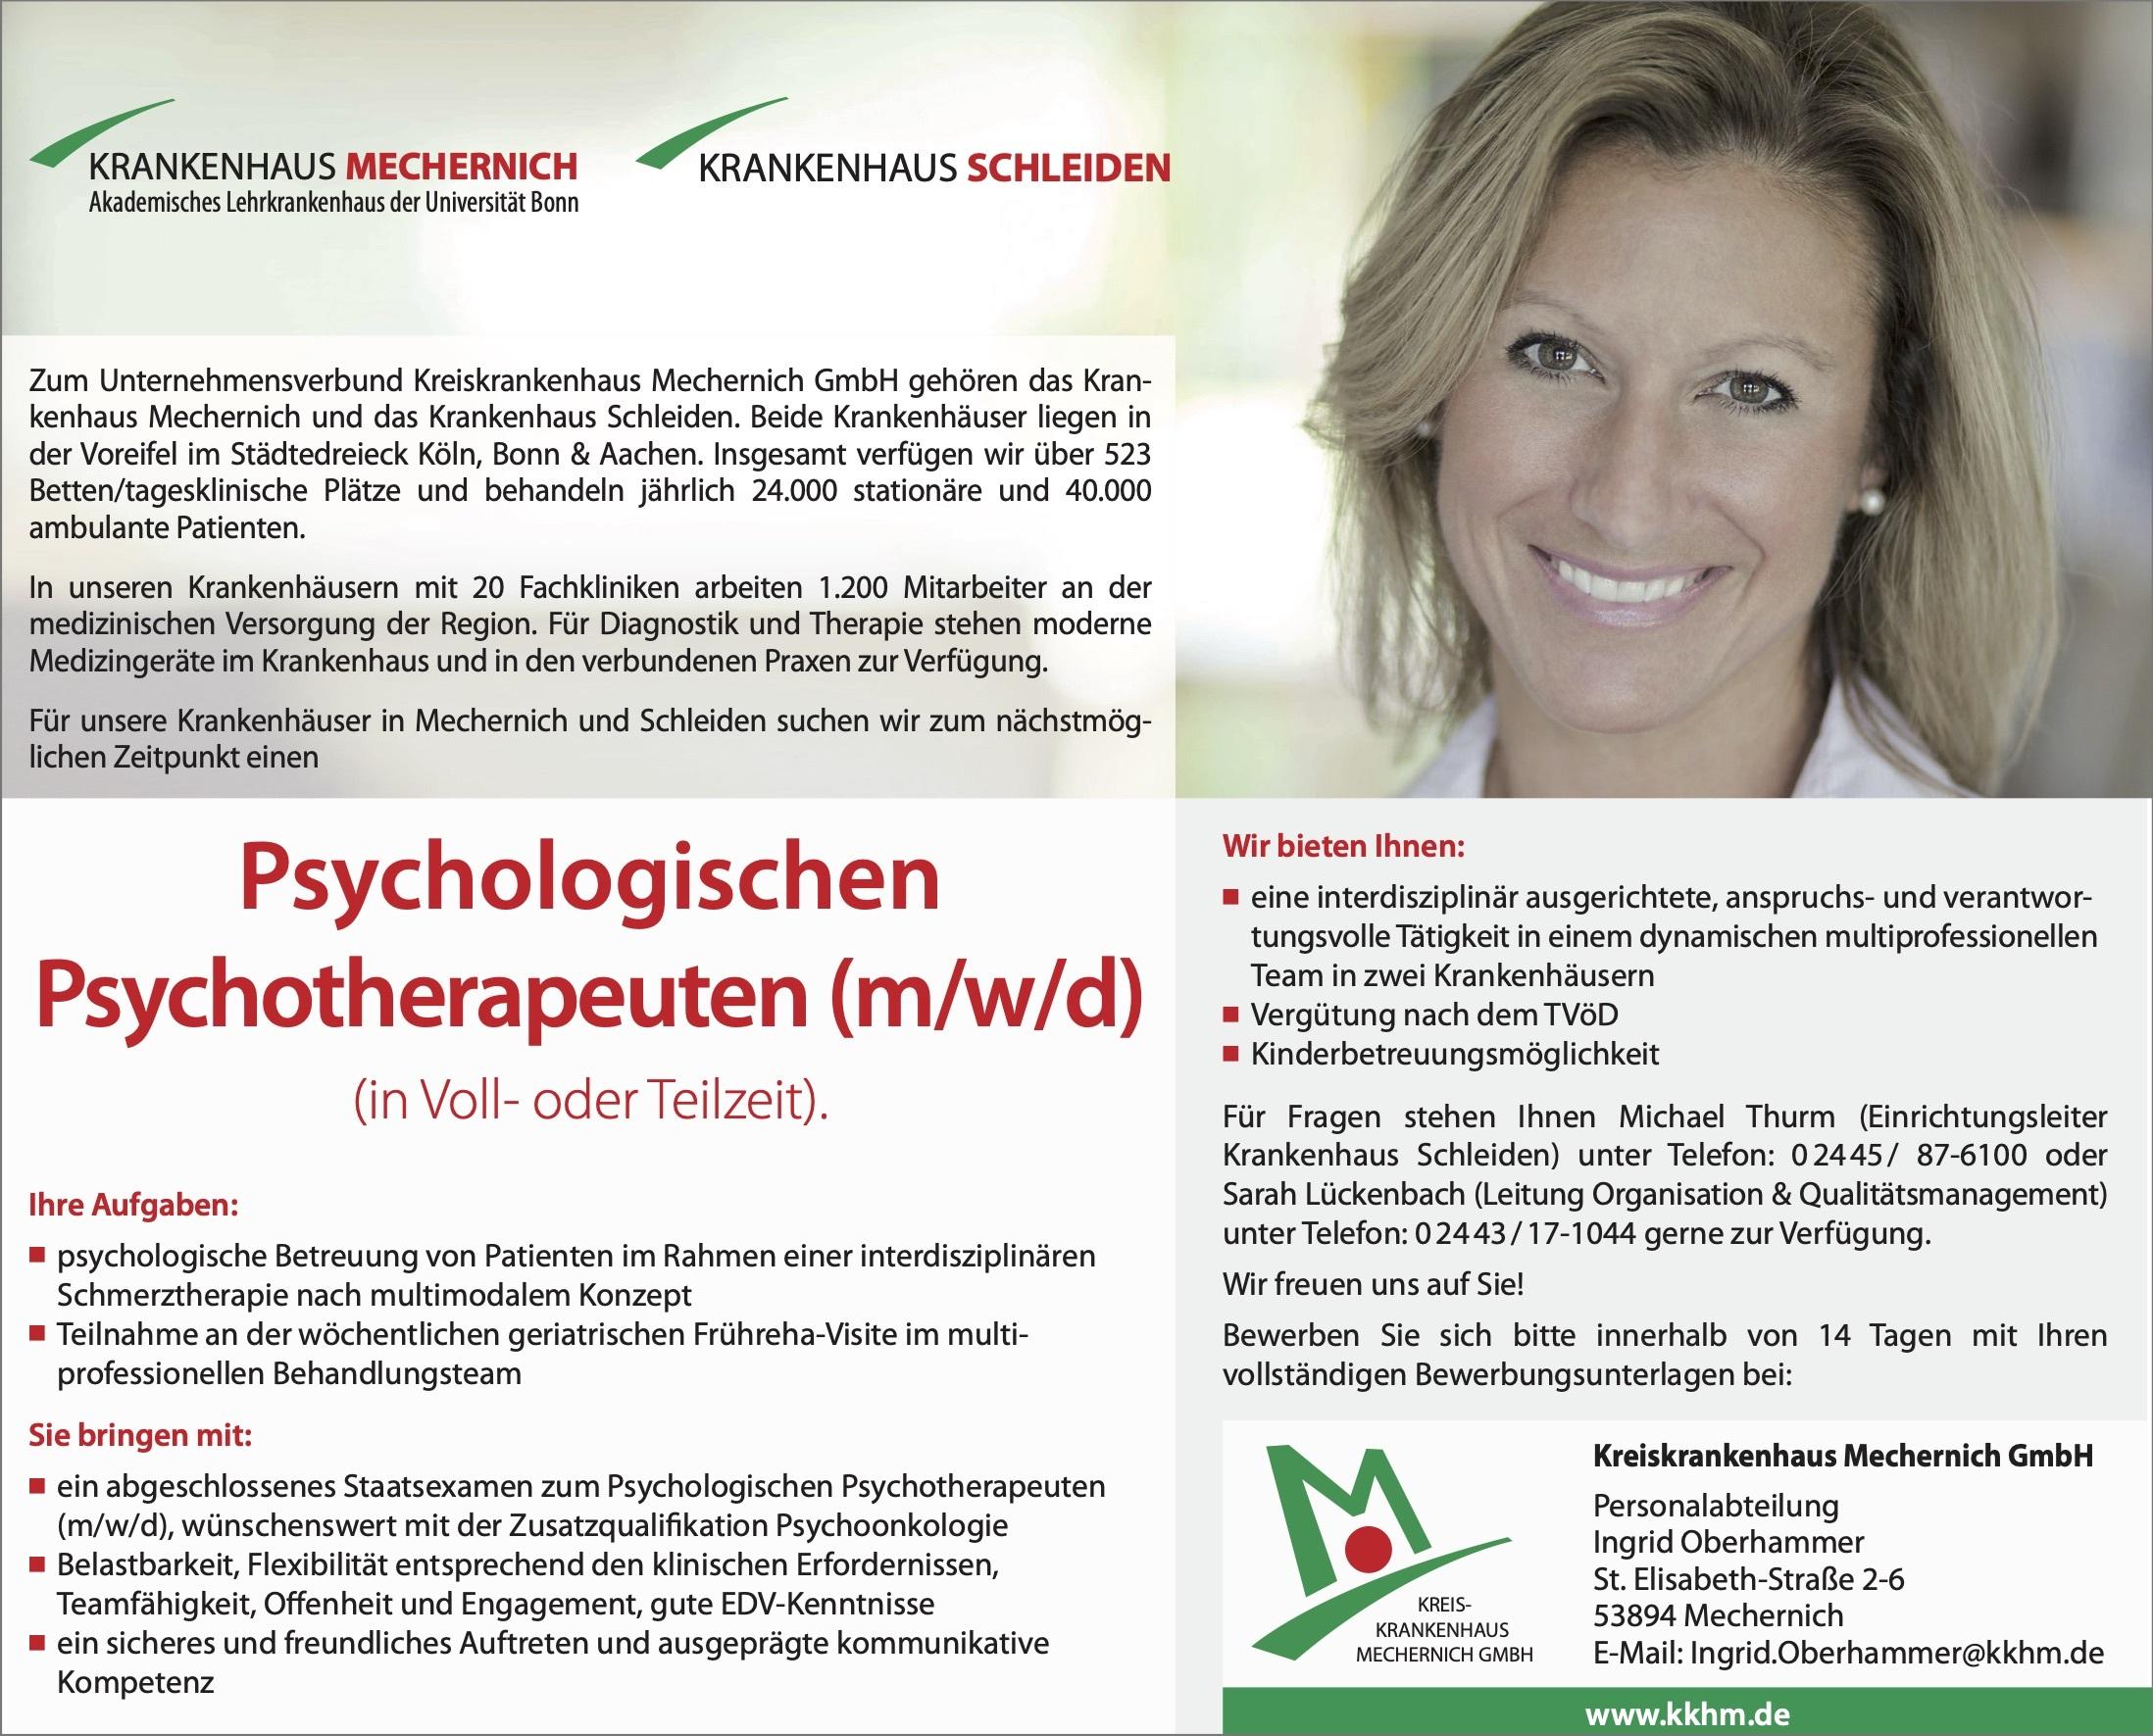 Psychologischen Psychotherapeuten (m/w/d)